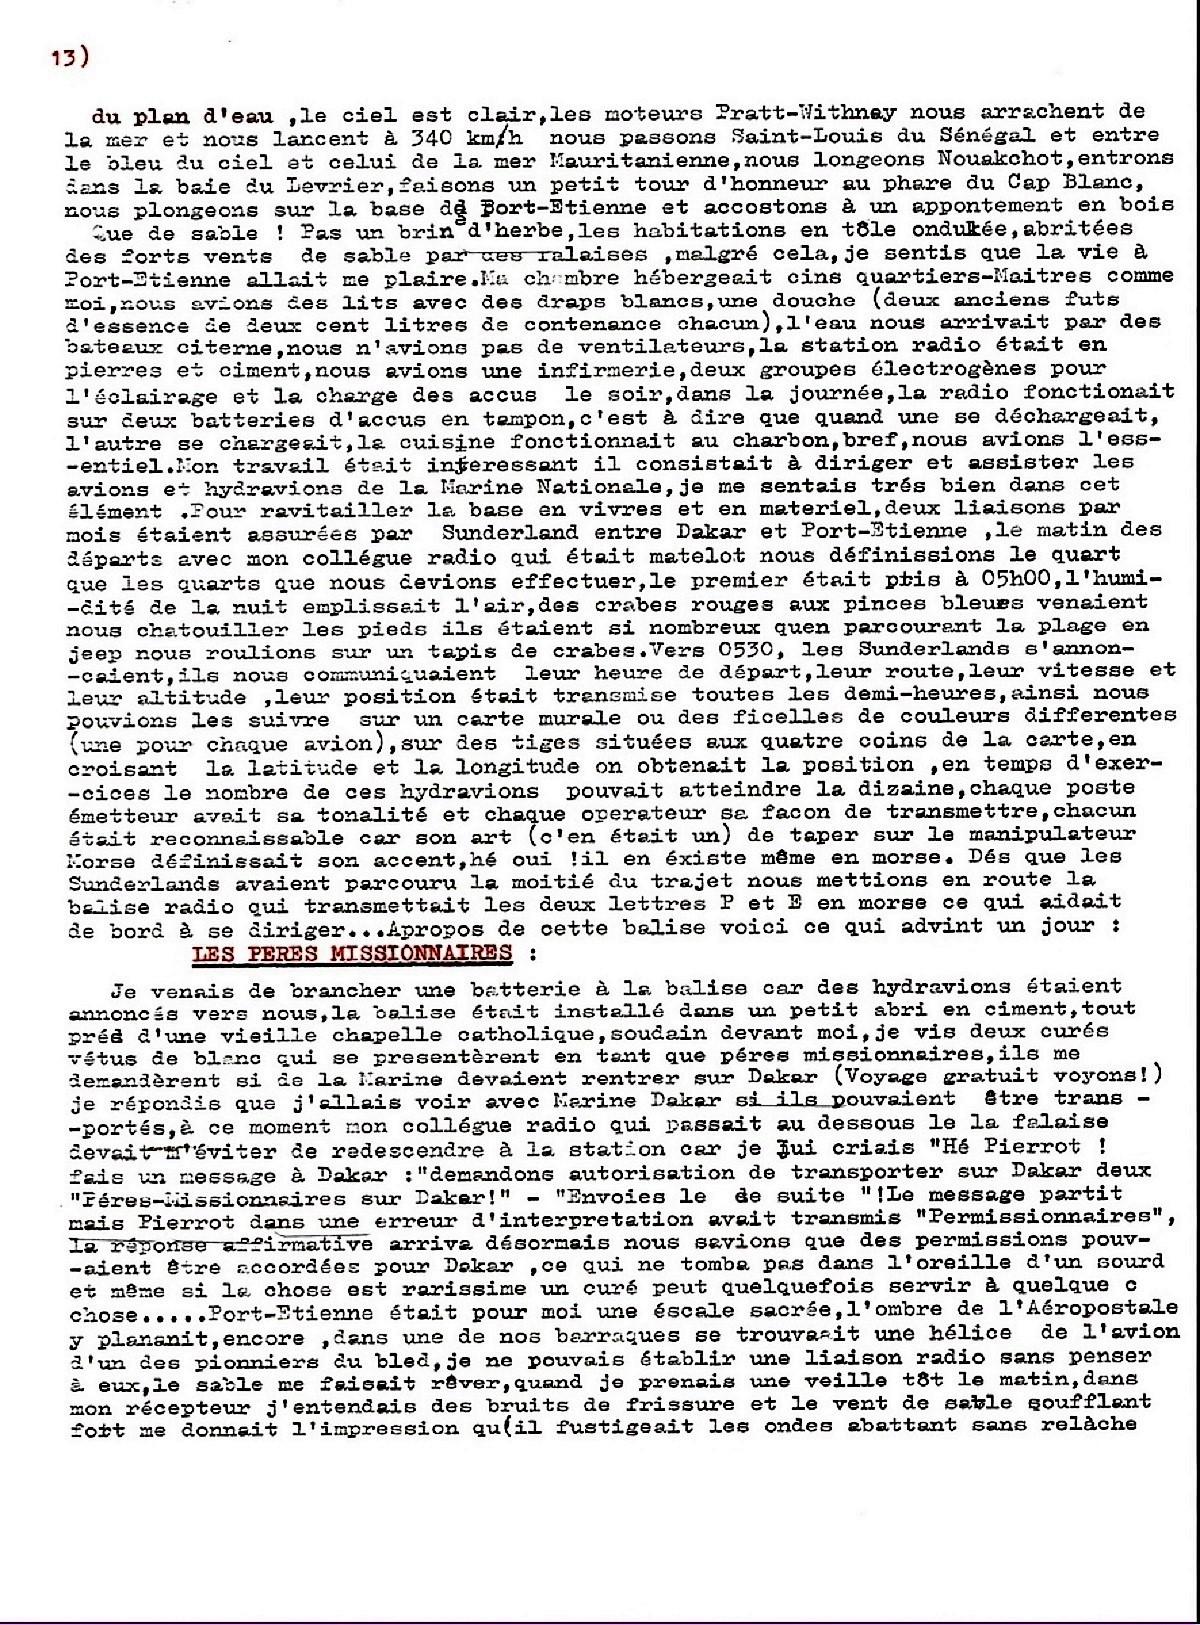 LA SPÉCIALITÉ DE RADIO - Page 15 Scan_p10